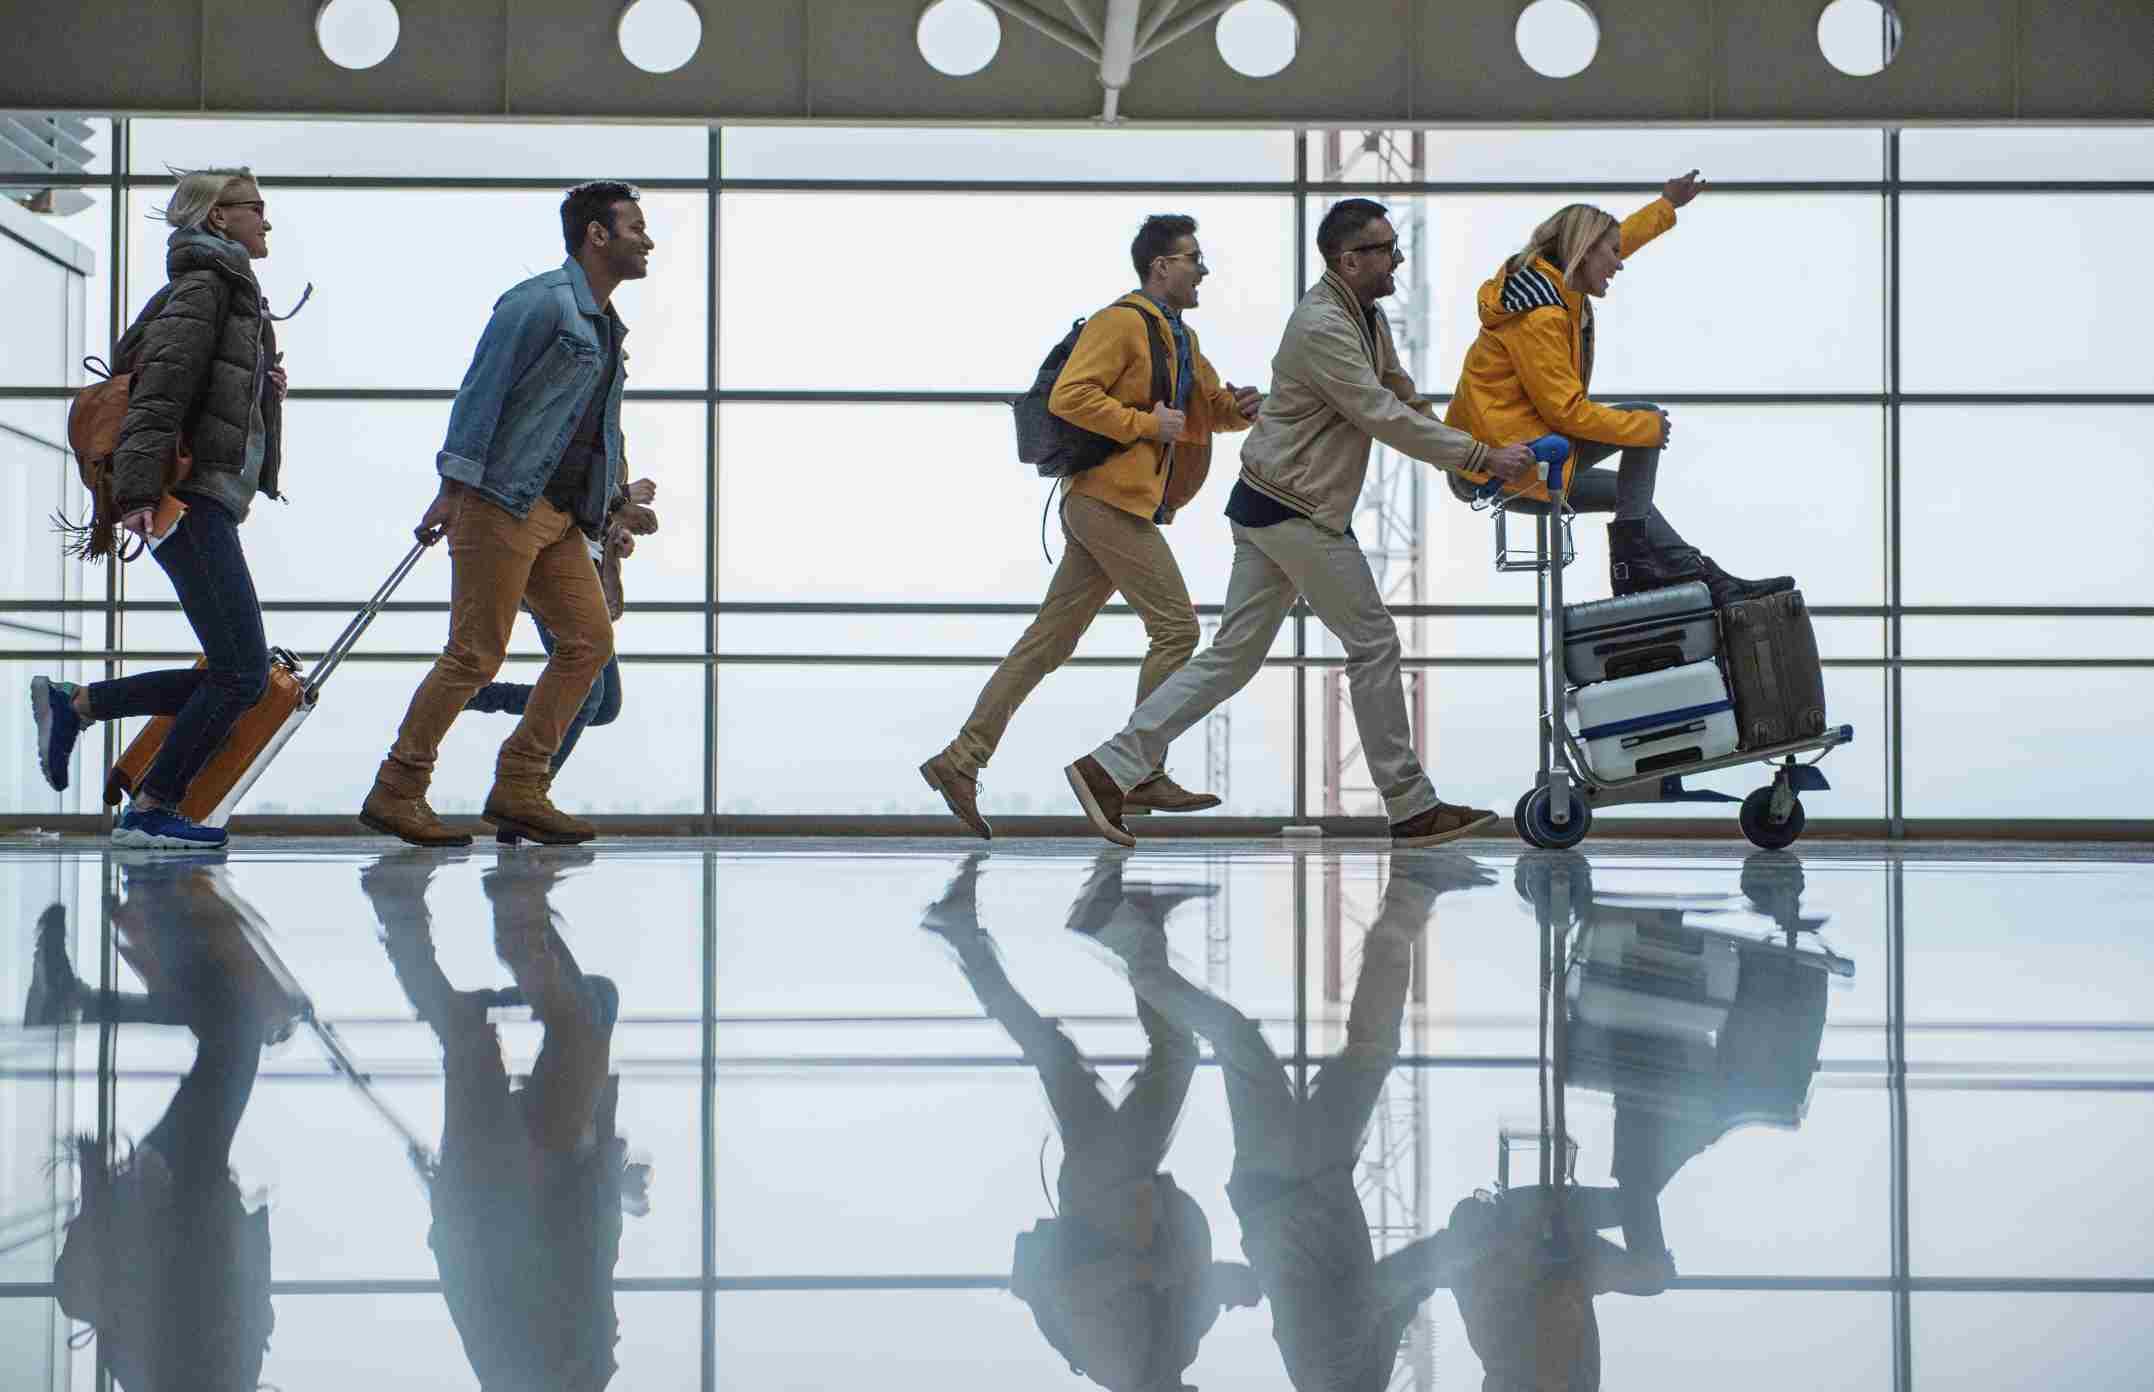 Reisegruppe am Flughafen